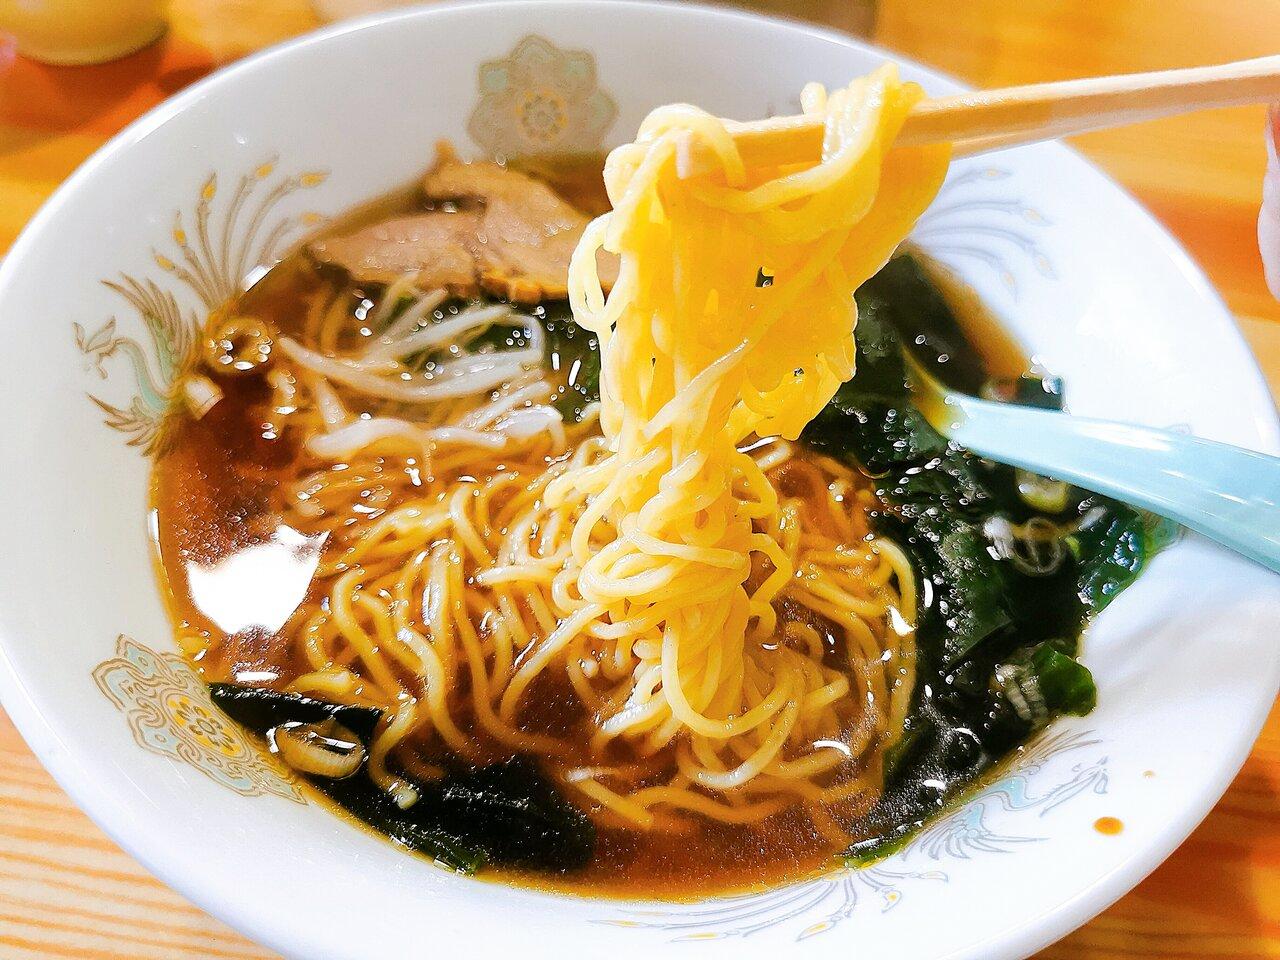 【街中華】神奈川県相模原市「新三陽」ごま油がフワッと香るやさしいラーメン